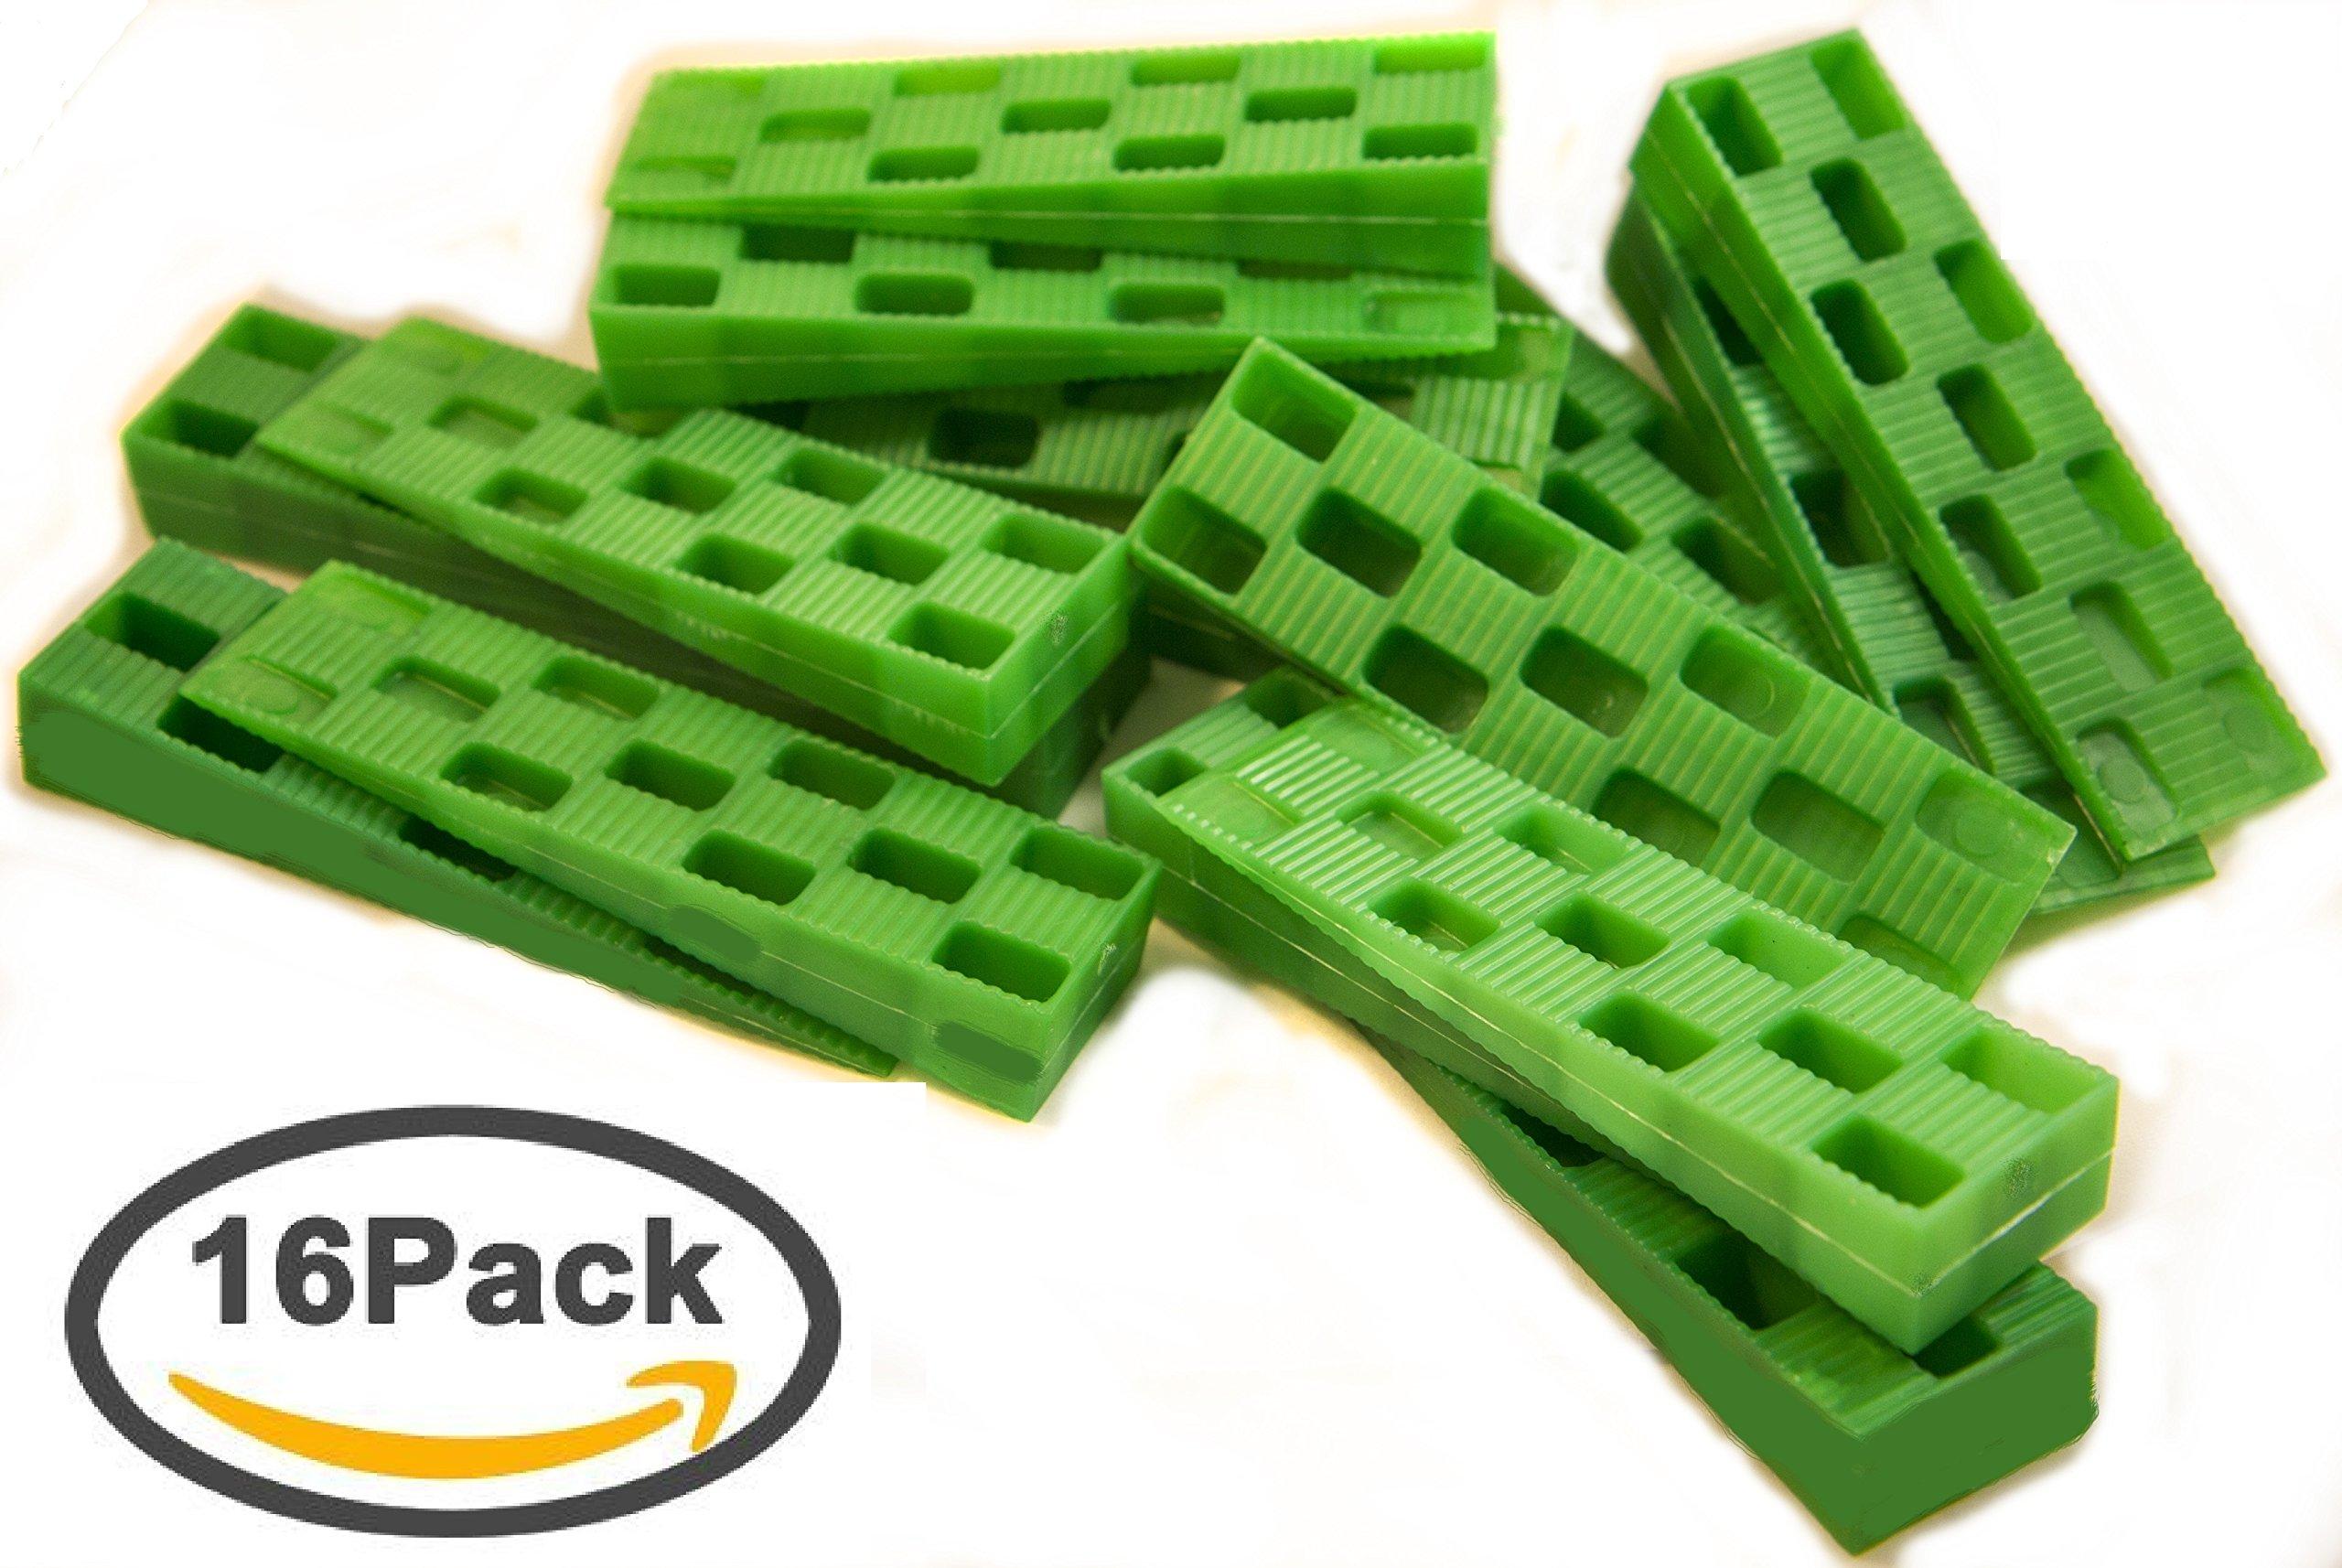 """Plastic Wedge - for Using as Door Wedges, Window Wedges, Flooring Spacers - Universal Plastic Shims - 4.5""""х1.2""""х0.7"""" - Green - 16 per Pack"""